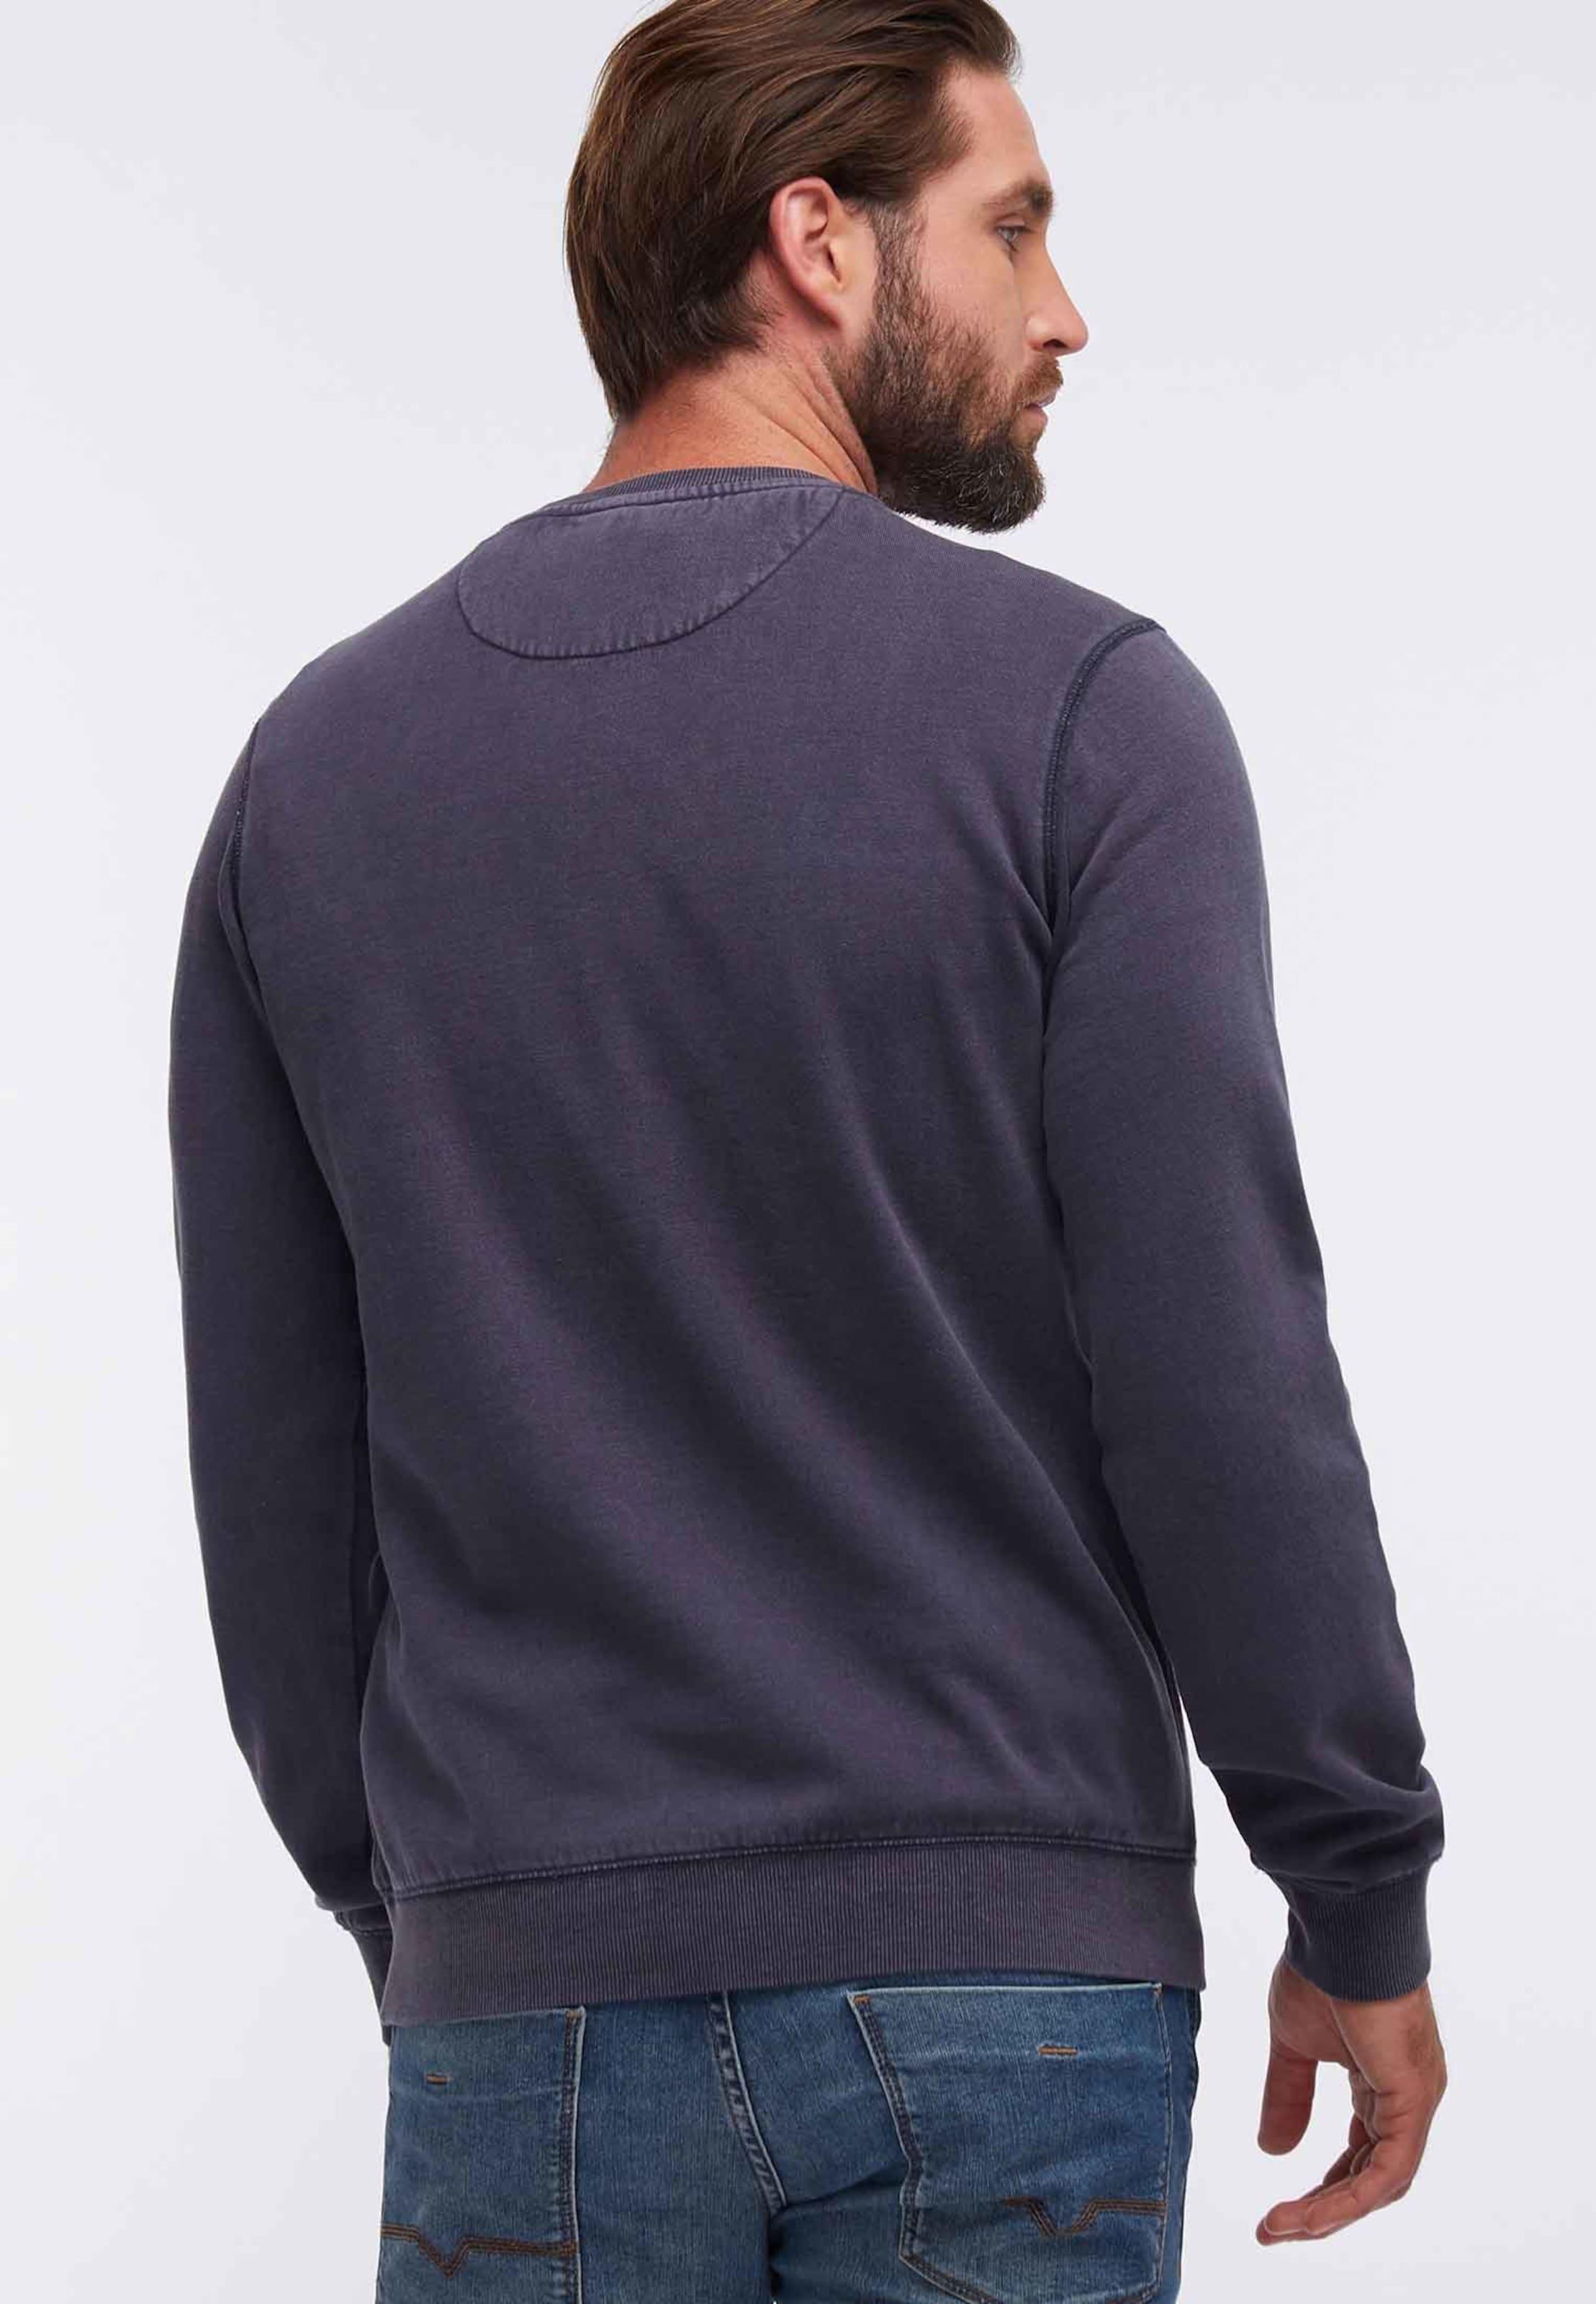 Sweatshirt Dreimaster Dreimaster Dunkellila Dunkellila Sweatshirt In Sweatshirt Dreimaster In WYHID9E2